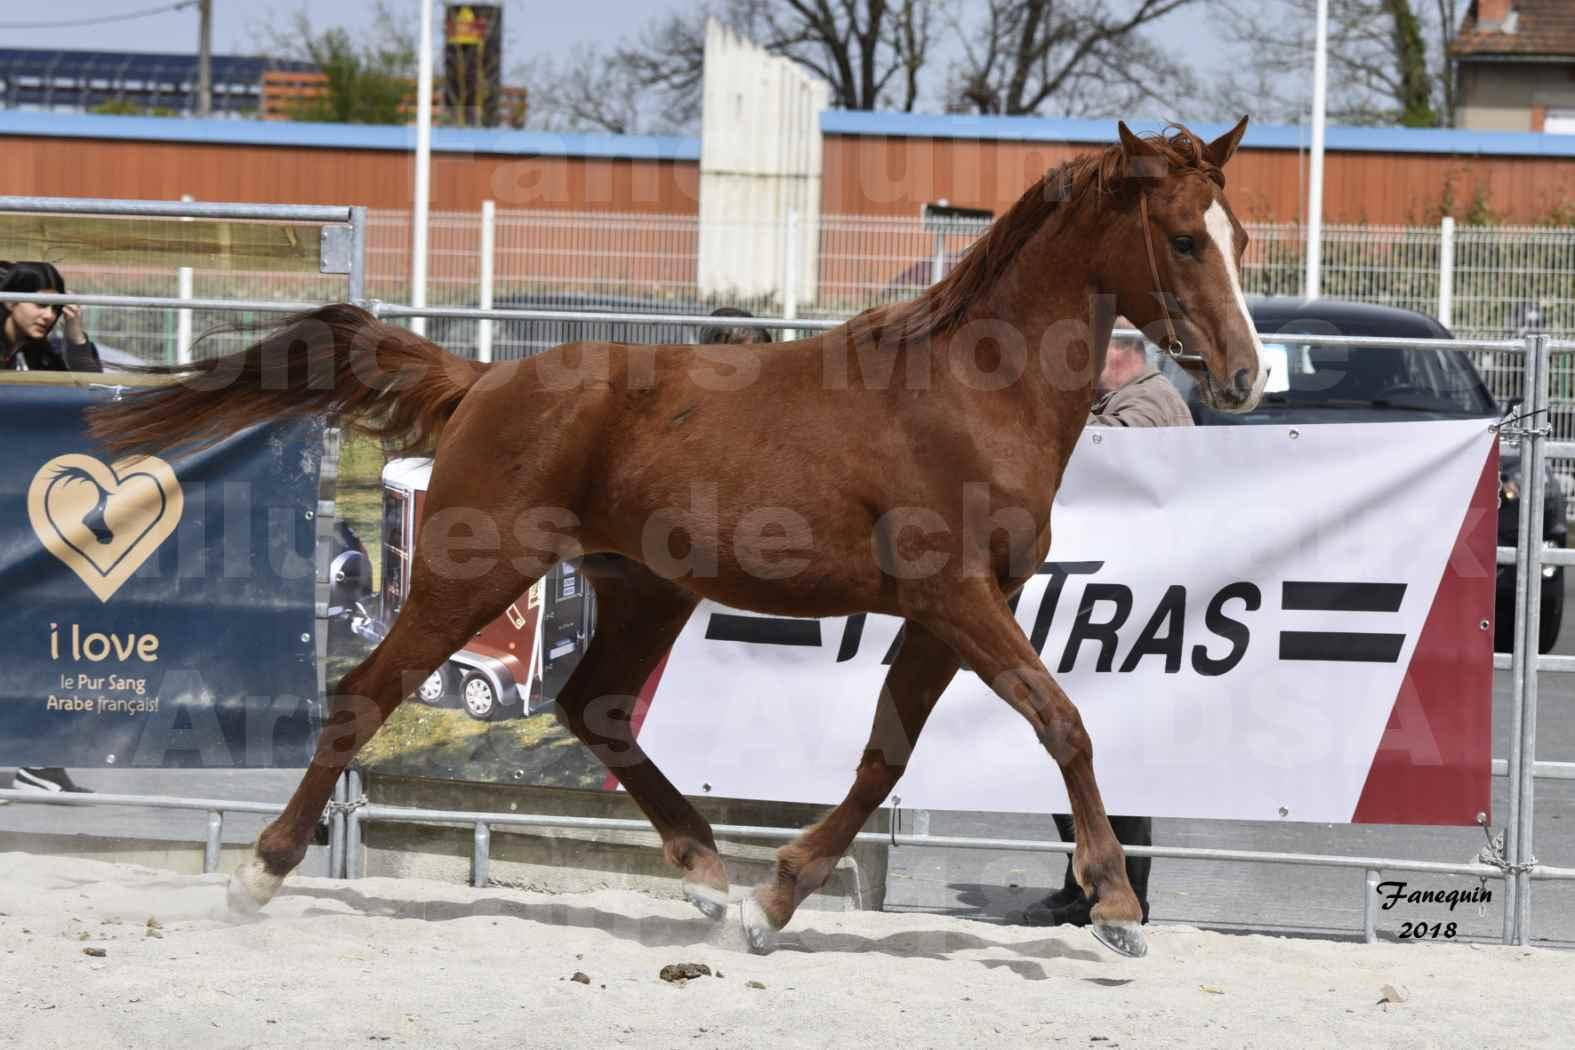 Concours d'élevage de Chevaux Arabes - D. S. A. - A. A. - ALBI les 6 & 7 Avril 2018 - FLEURON CONDO - Notre Sélection - 1